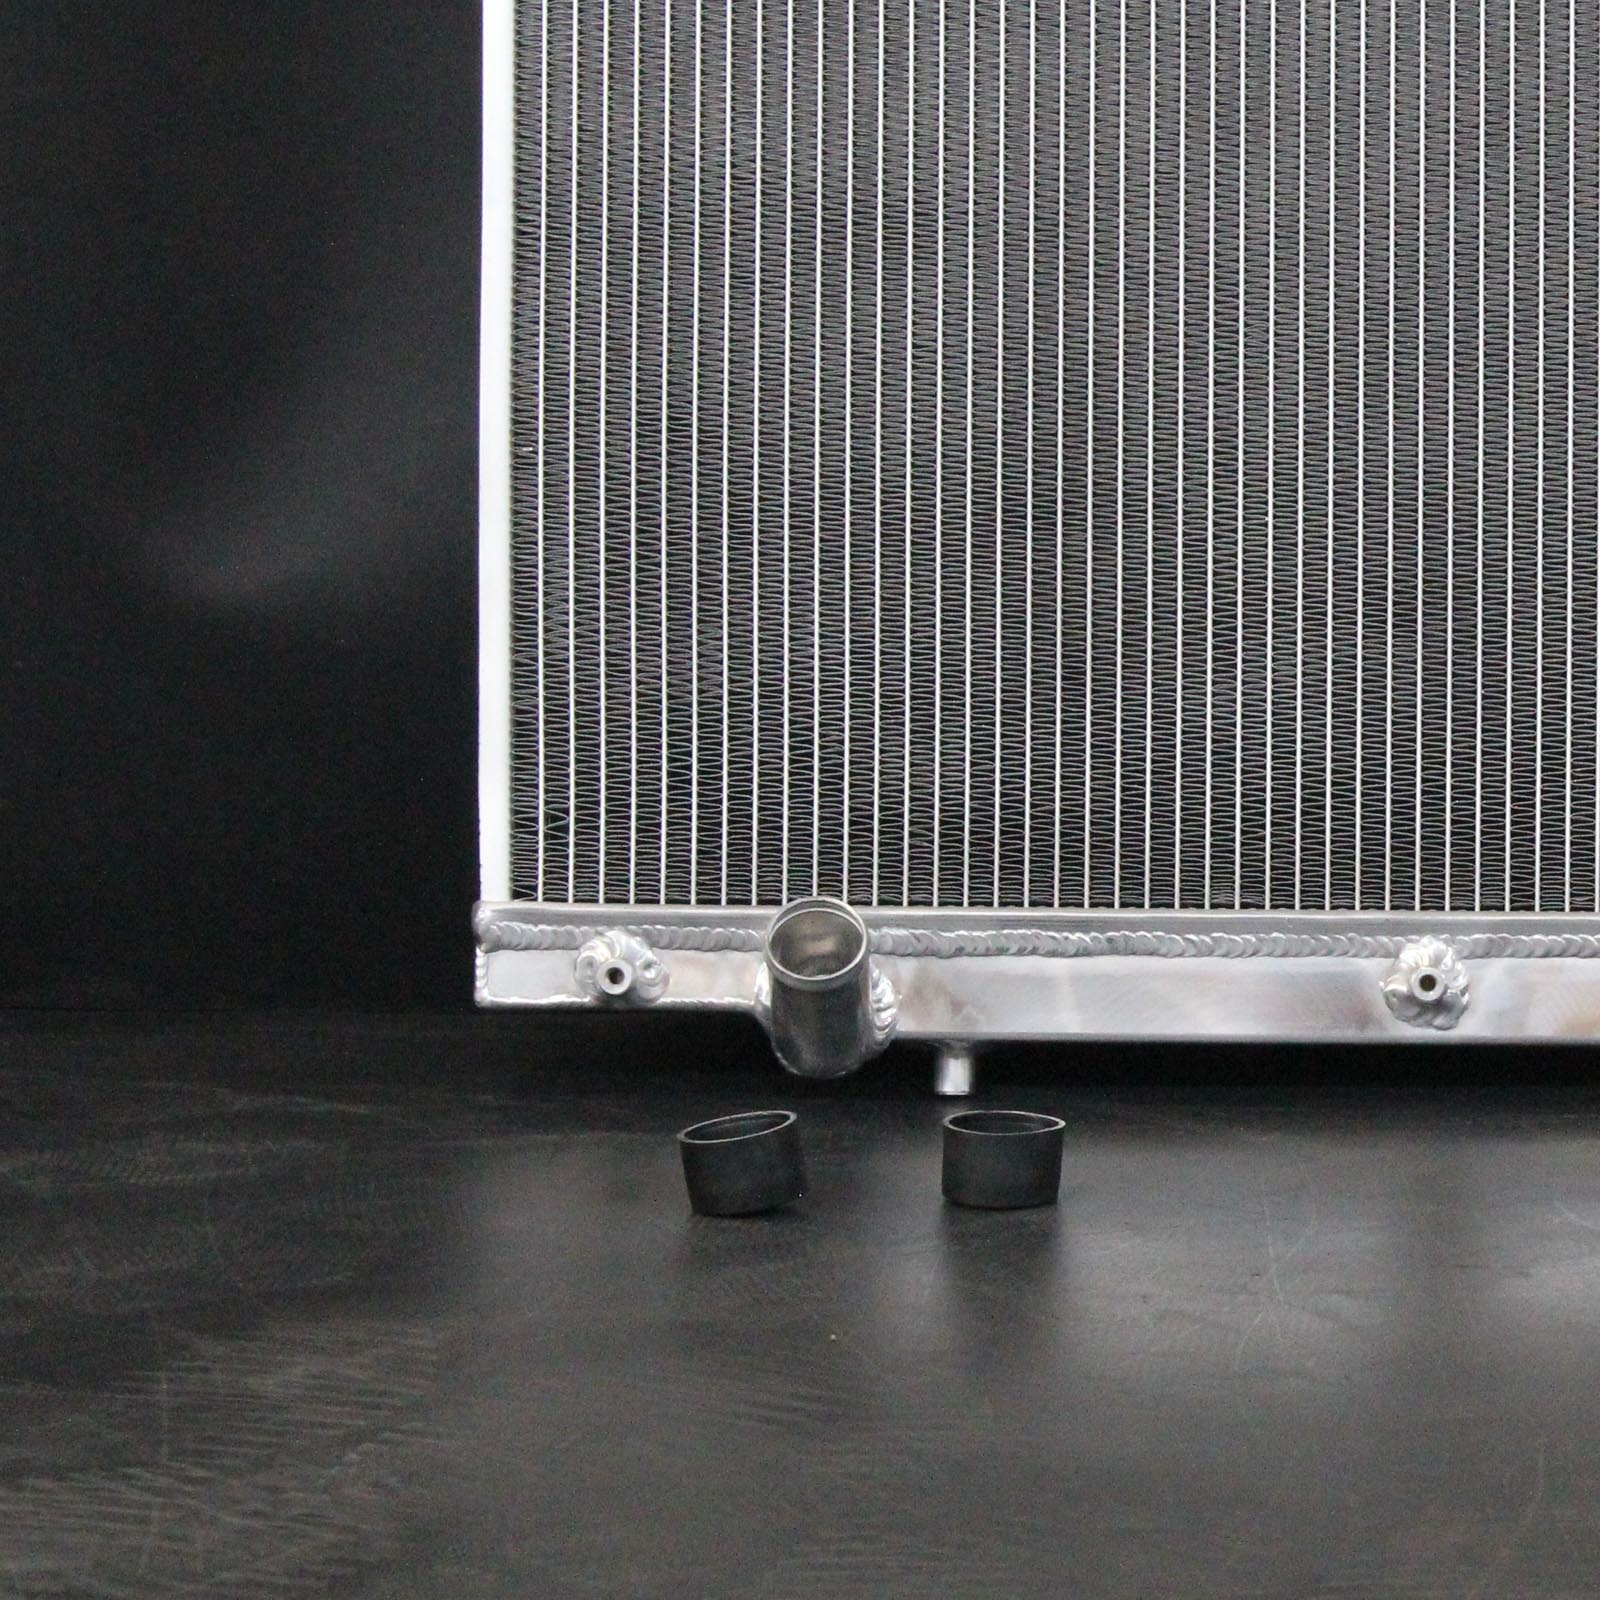 TL Radiator For Acura V6 3.2L 2004 2005 2006 2Row Aluminum